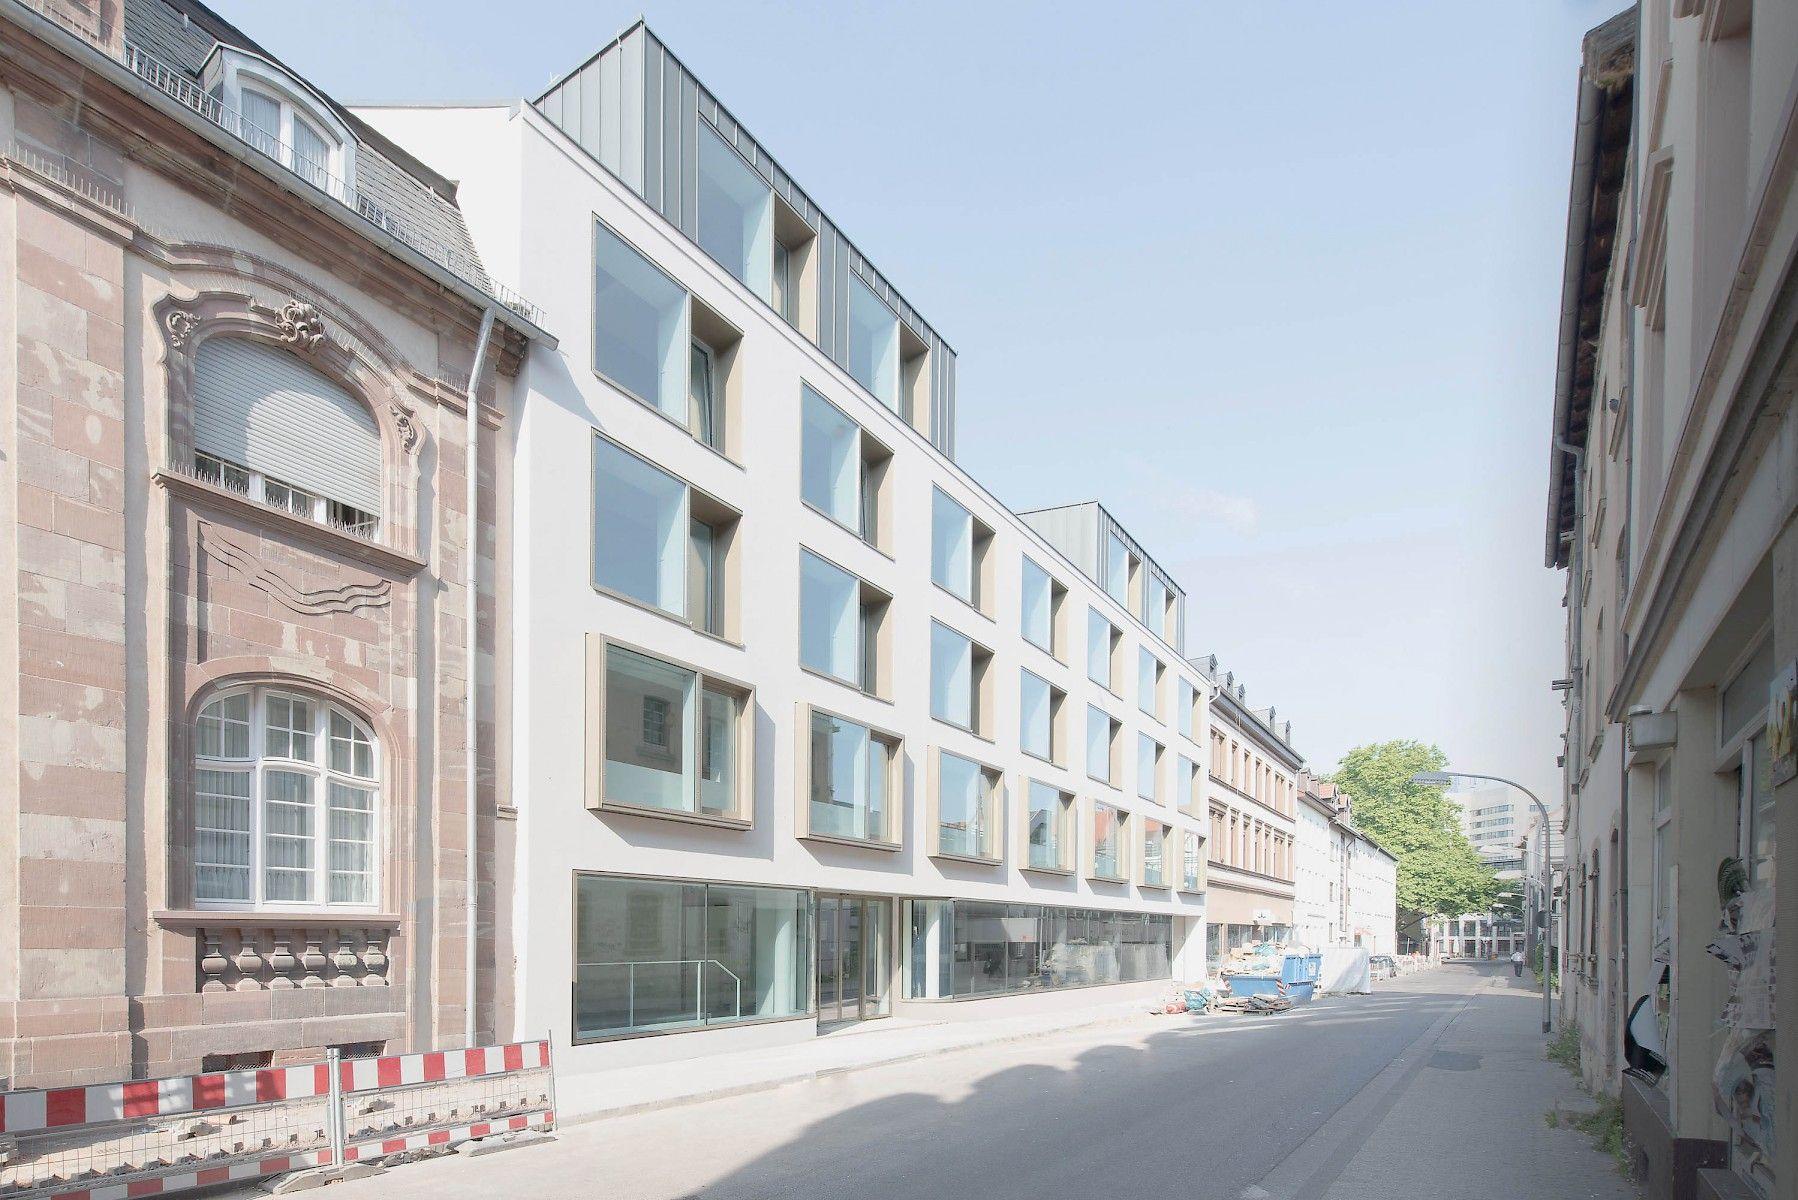 Architekt Saarbrücken bayer strobel architekten bau service saarbrücken x